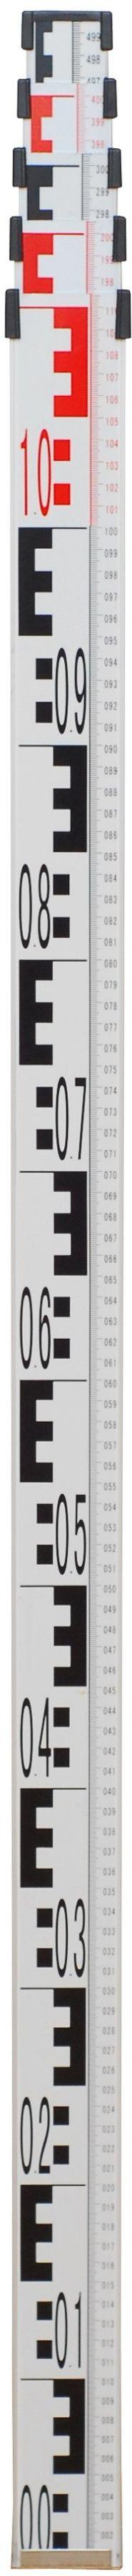 Łata niwelacyjna aluminiowa LN700 - Z TRZEMA PODZIAŁAMI